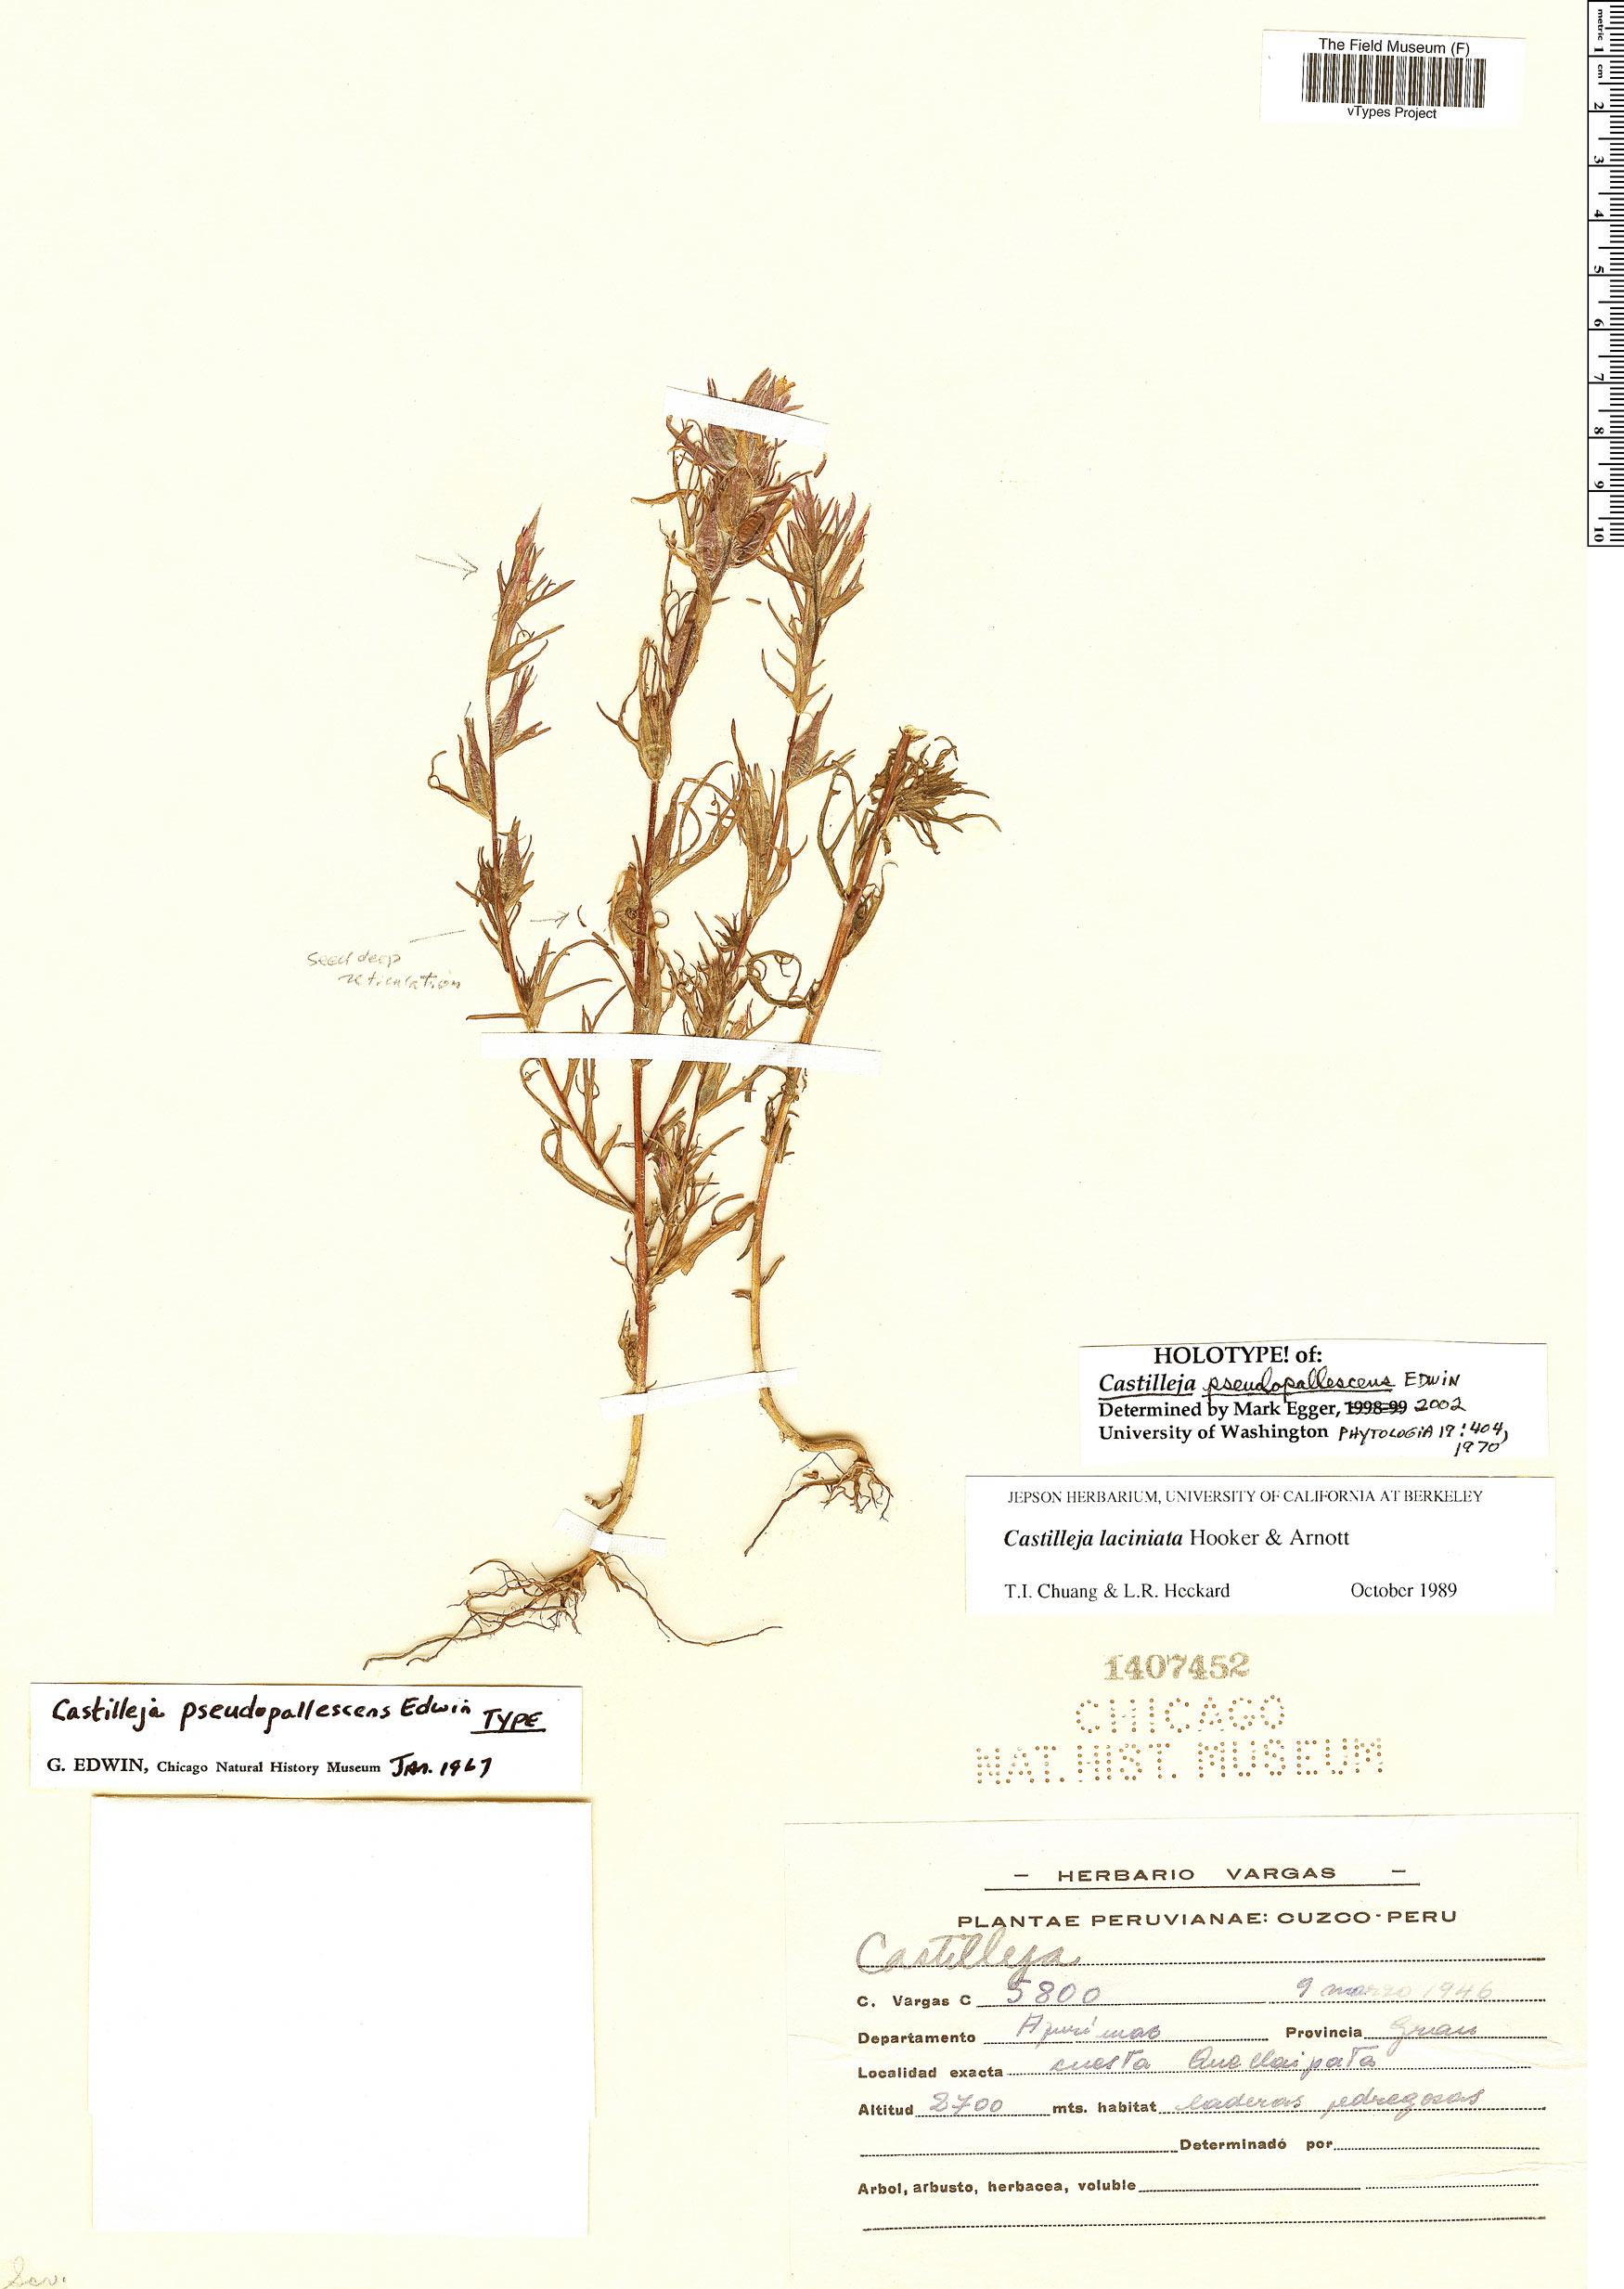 Specimen: Castilleja pseudopallescens